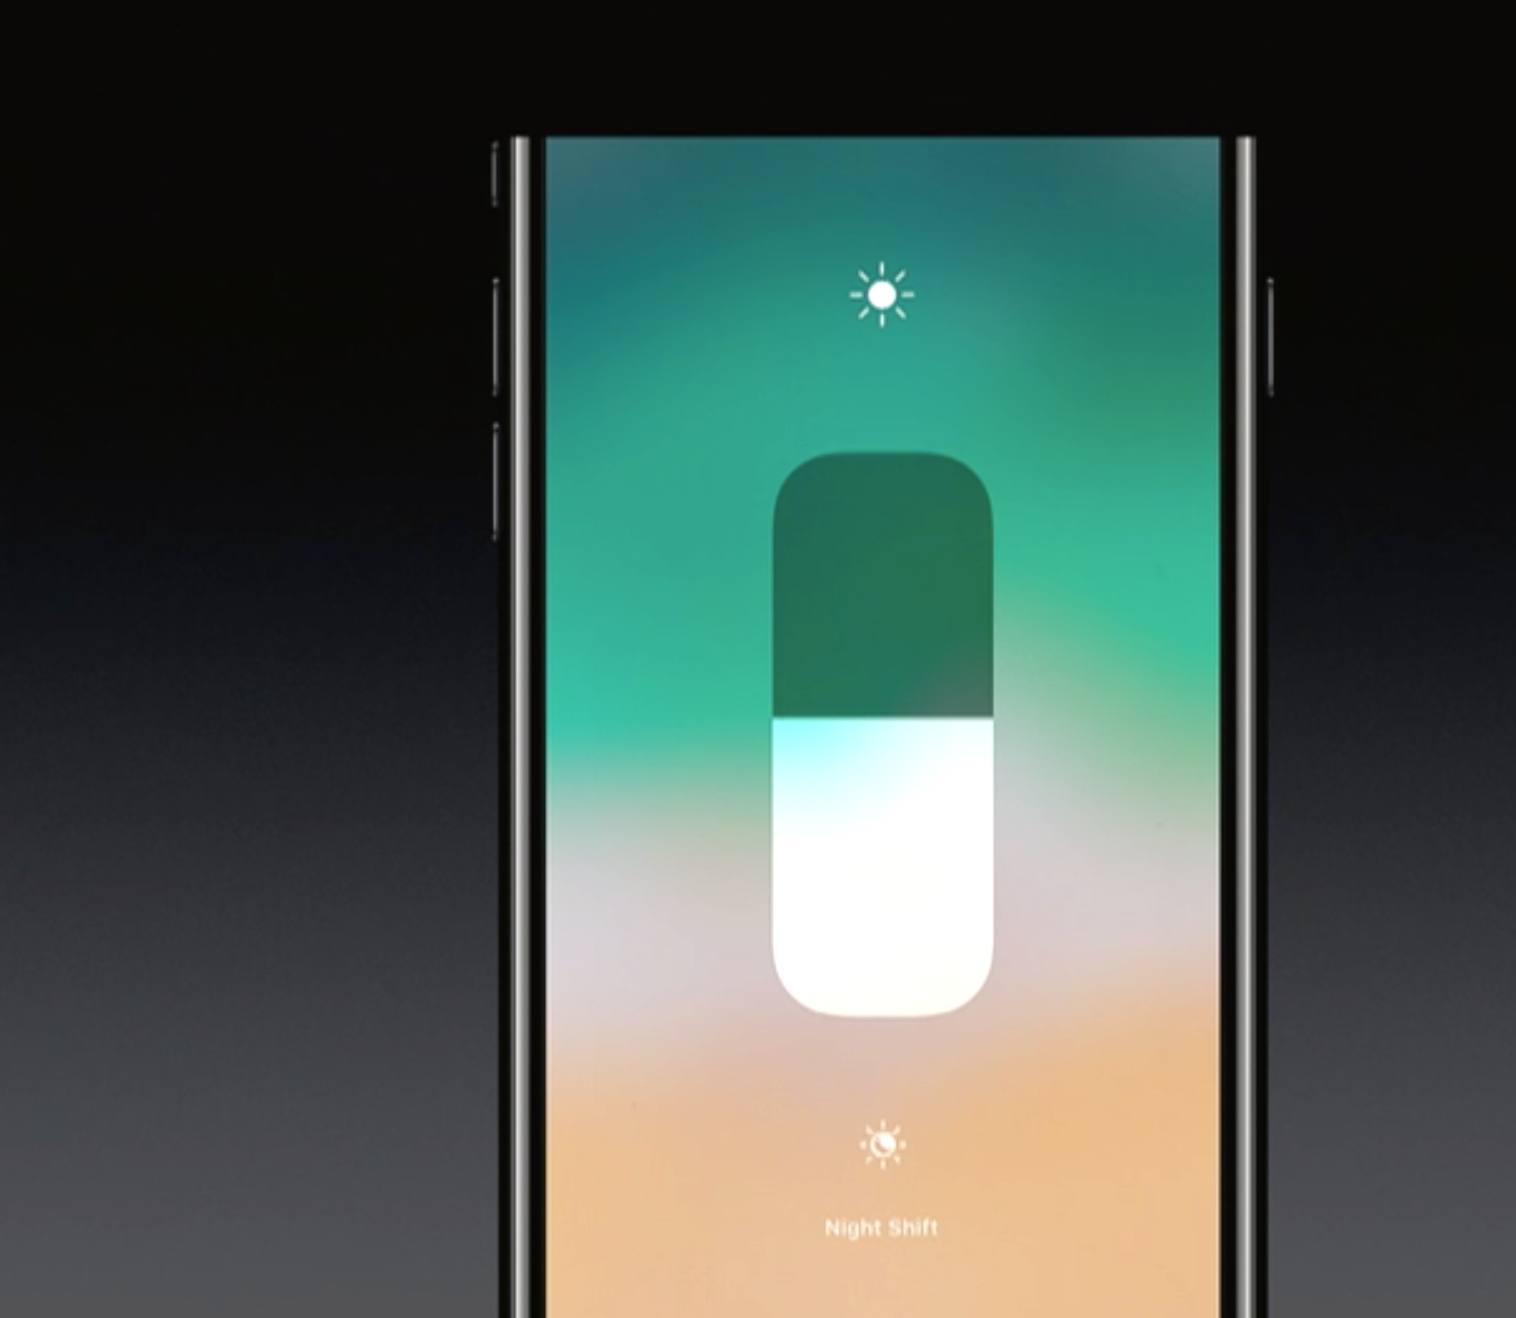 3D-Touch lar deg se mer og få flere muligheter. Bilde: Skjermdump/Apple